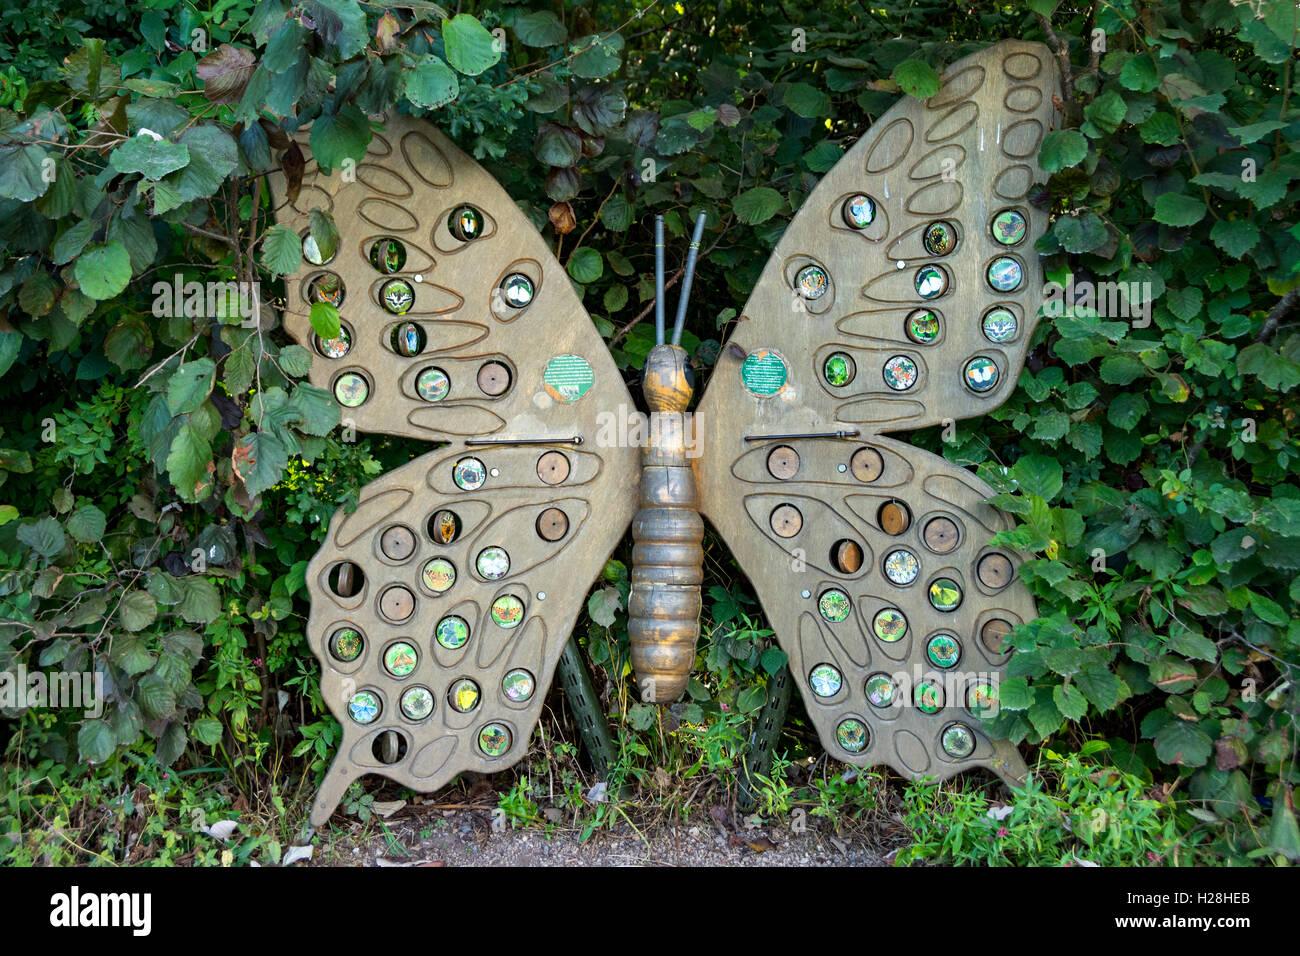 Wooden carved stylised insect, Rushcliffe Country Park, Ruddington, Nottingham, England, UK - Stock Image